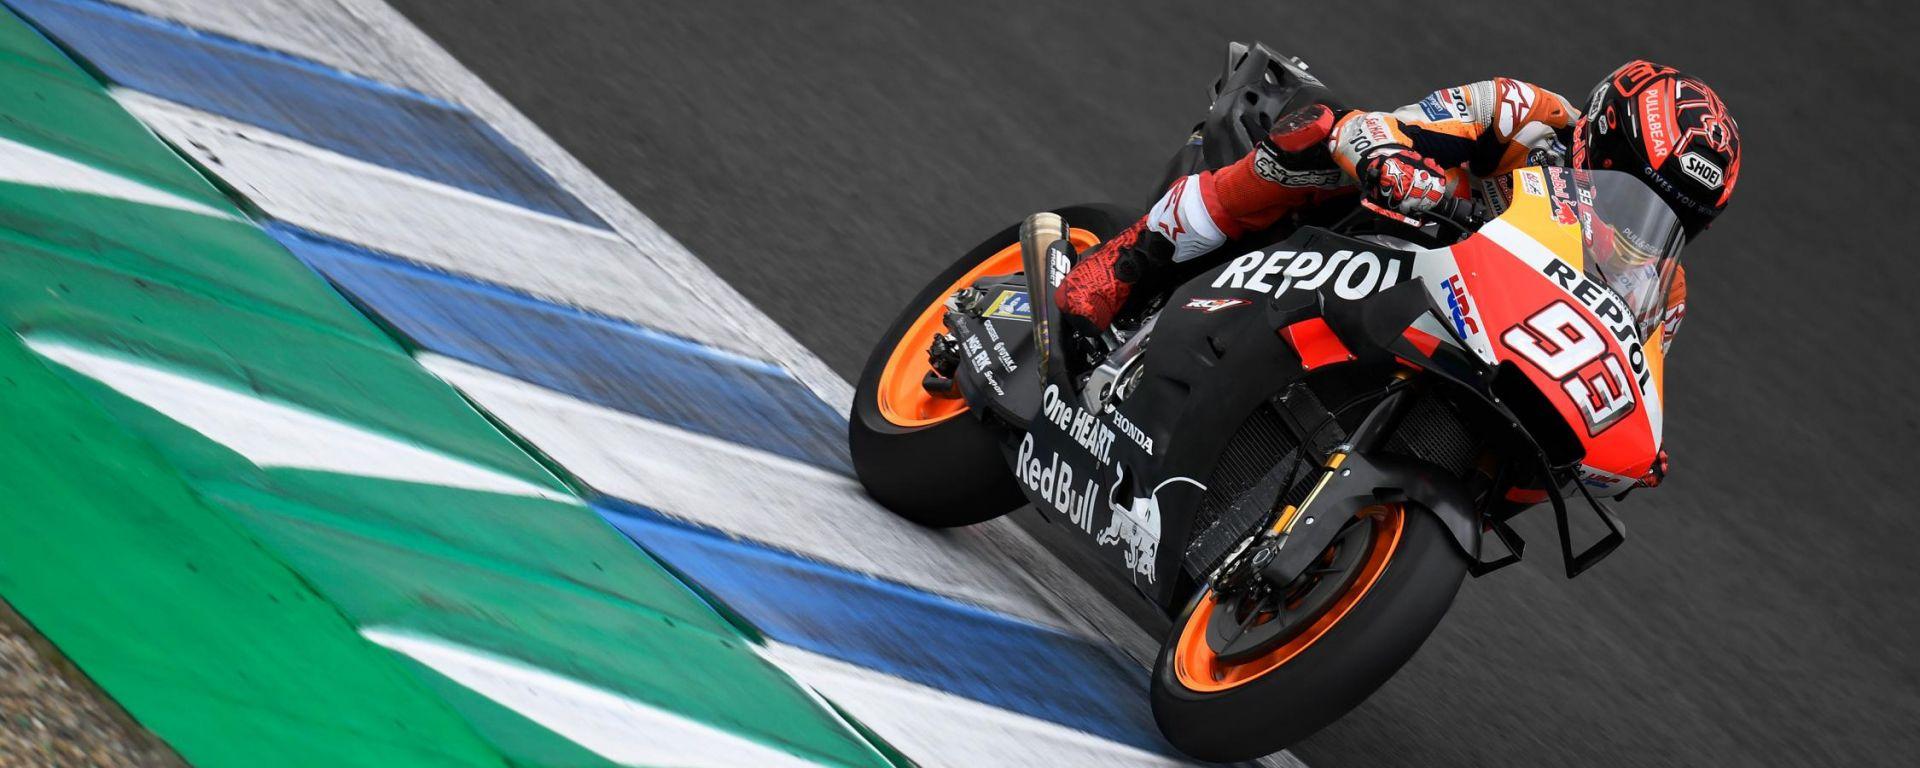 Test Jerez MotoGP 2020: Marc Marquez (Honda)